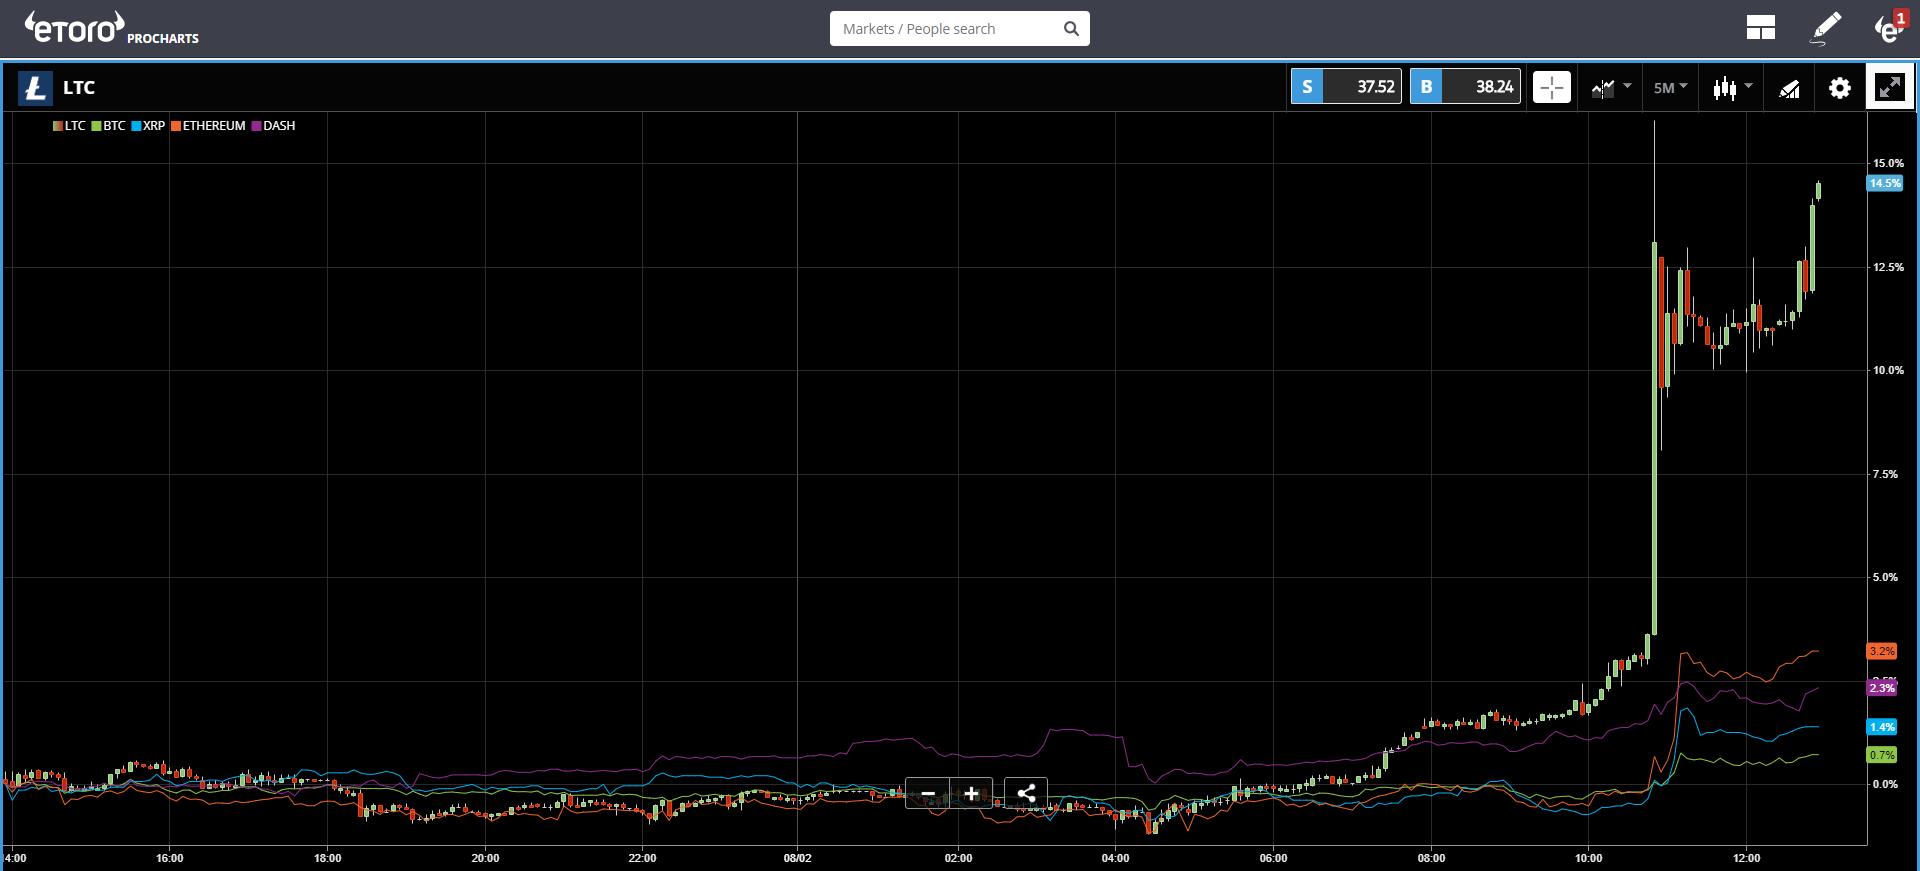 crypto, market, markets, bitcoin, blockchain, ethereum, stocks, bank, trading